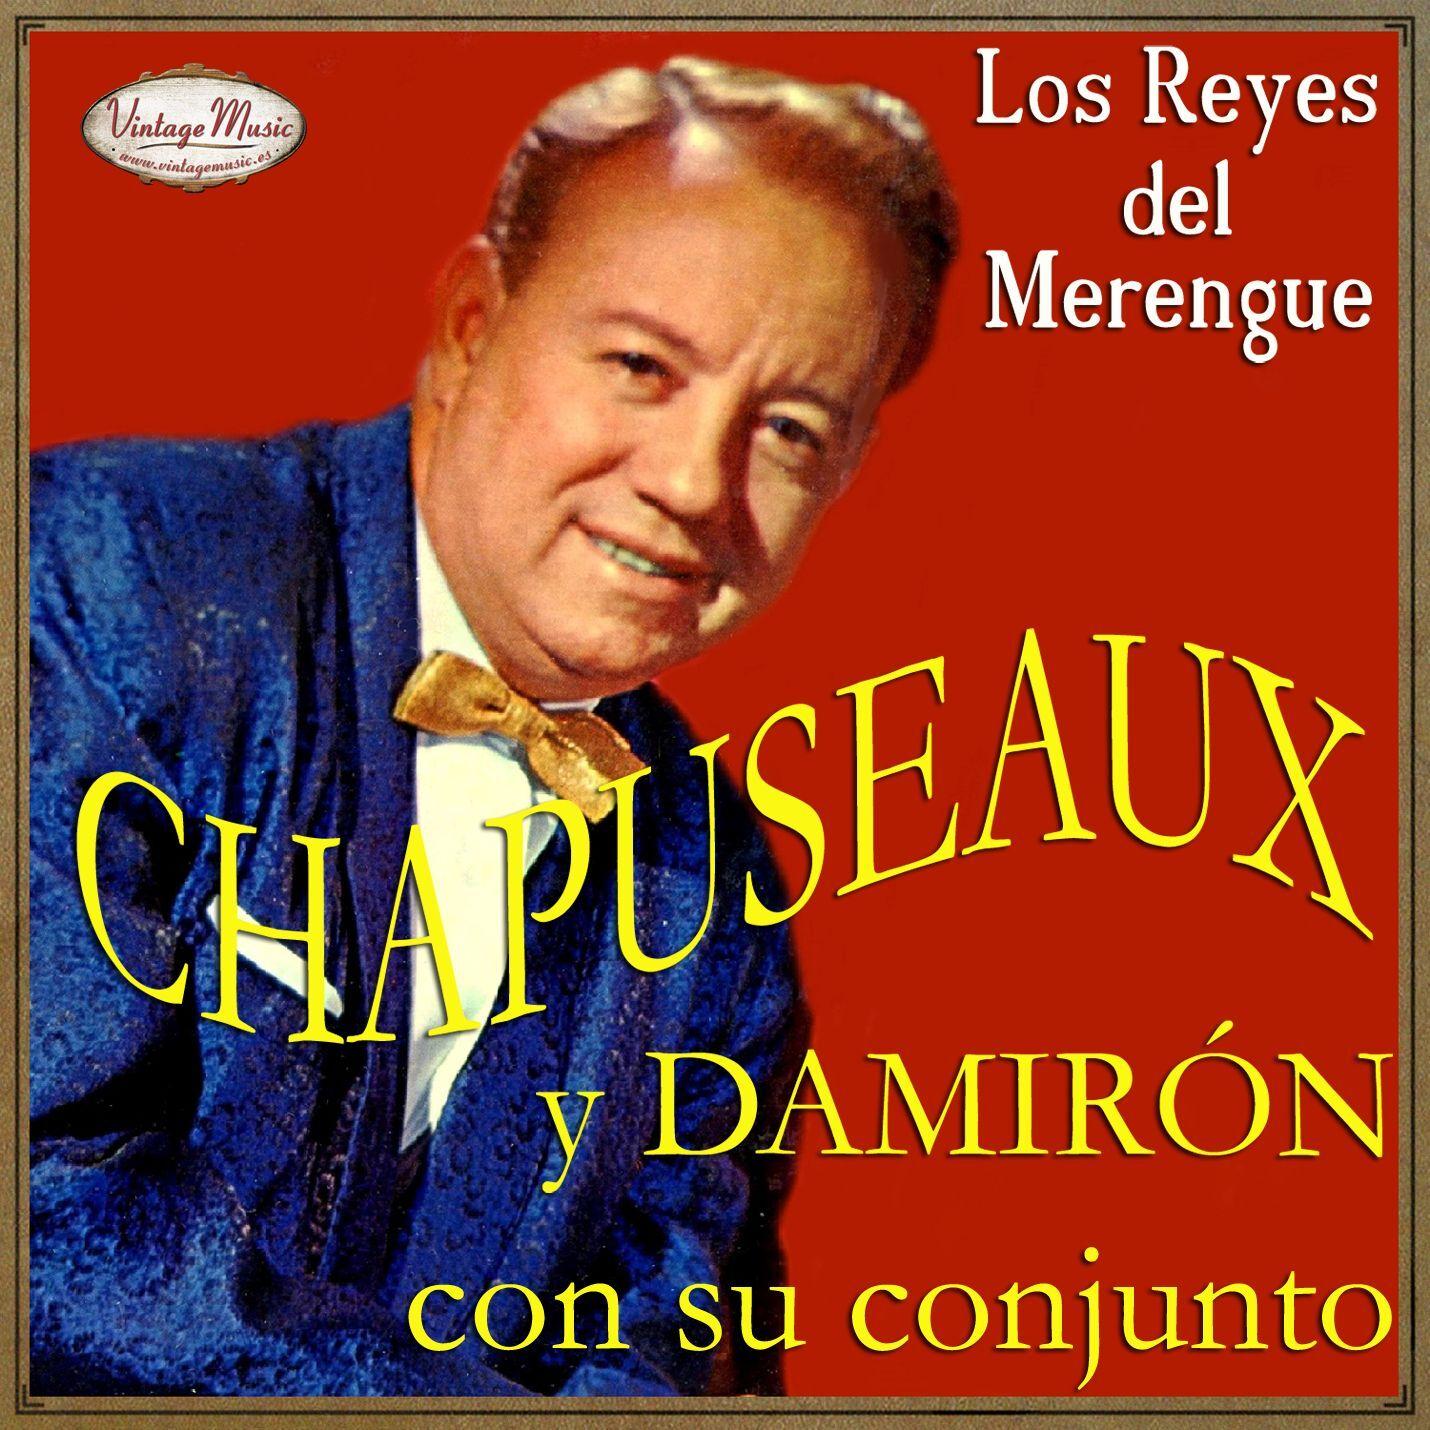 CHAPUSEAUX Y DAMIRON - CHAPUSEAUX Y DAMIRON iLatina CD 174 Guaracha , Son Montuno , Si Ella Se Deja - CD